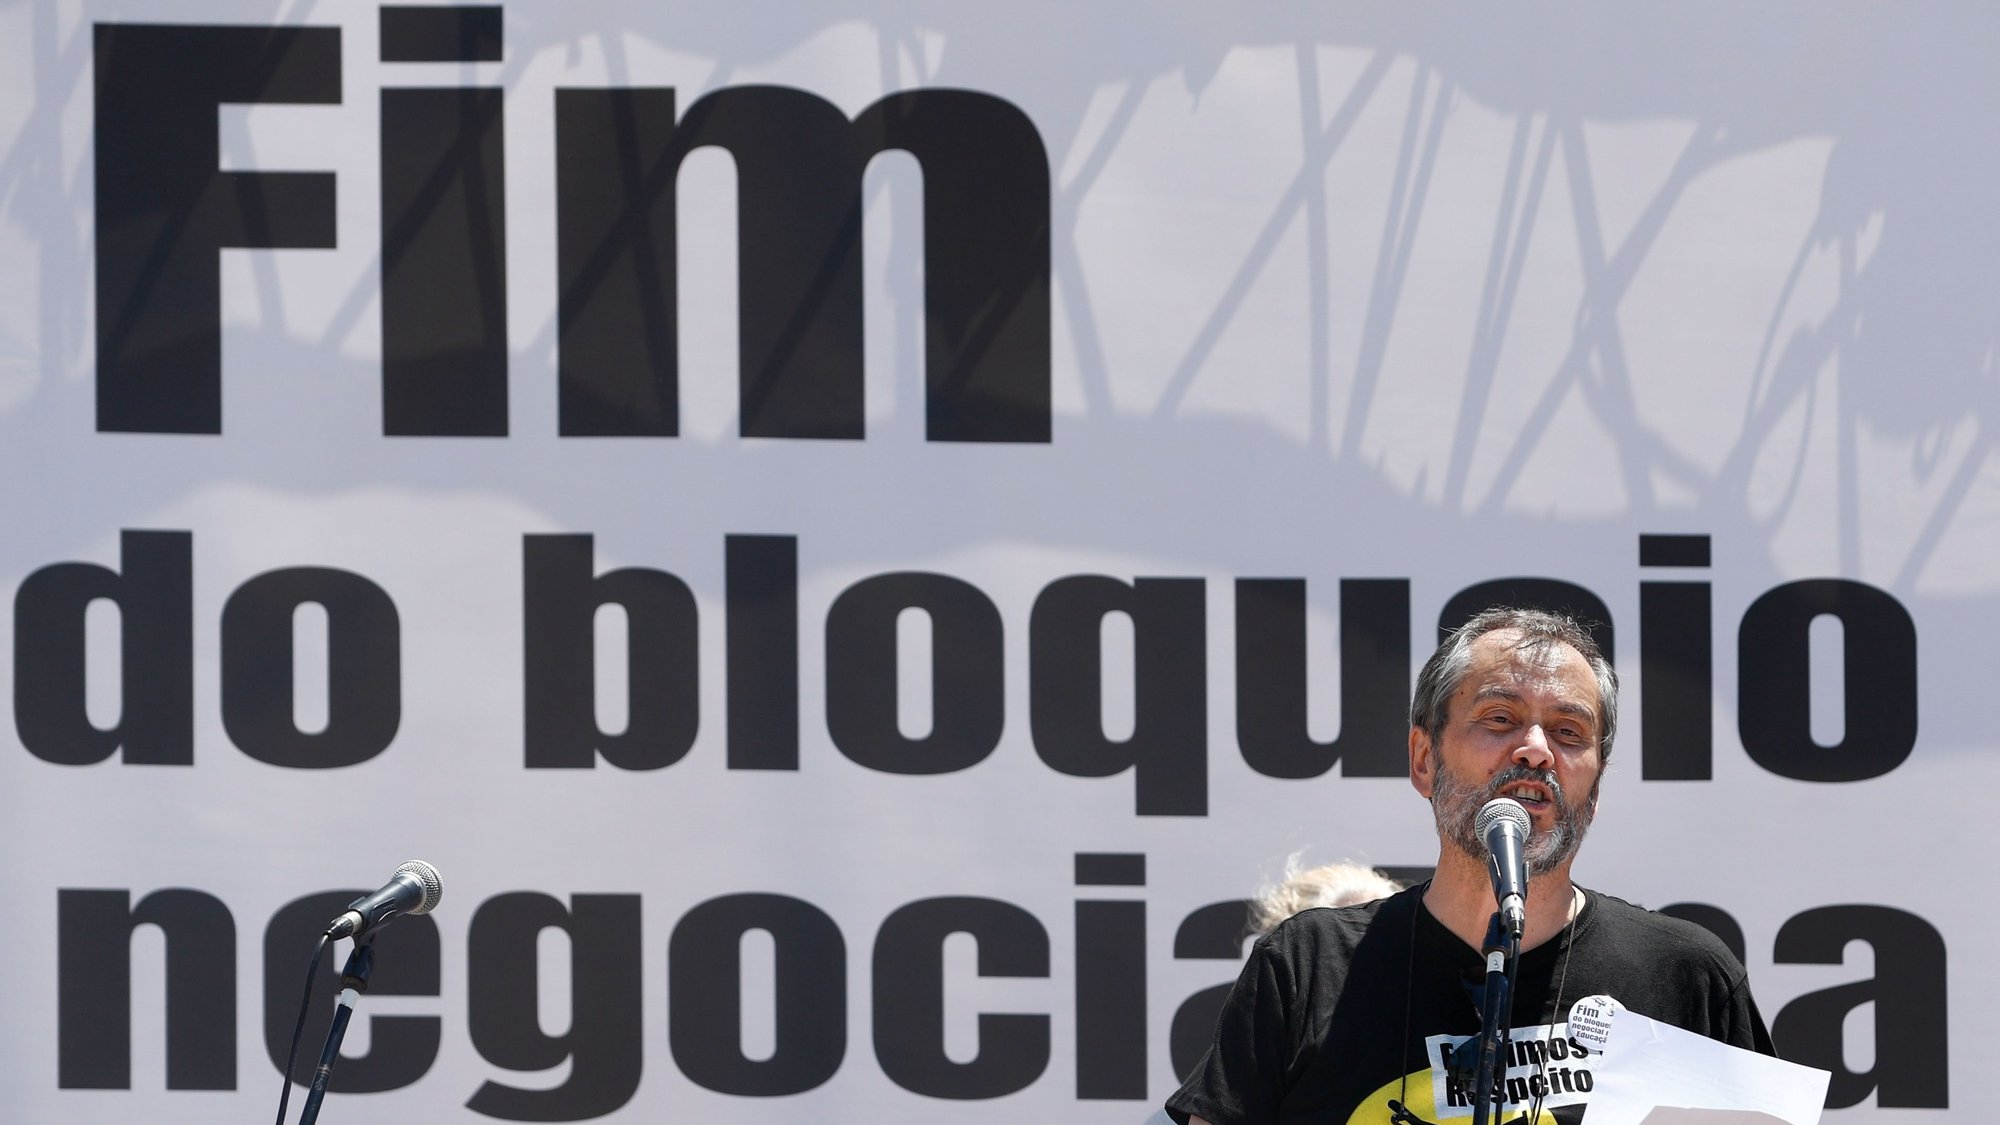 O secretário-geral  da FENPROF (Federação Nacional dos Professores), Mário Nogueira, intervem durante a ação de denúncia do bloqueio negocial imposto na Educação, Lisboa, 25 de junho de 2021.  ANTÓNIO COTRIM/LUSA